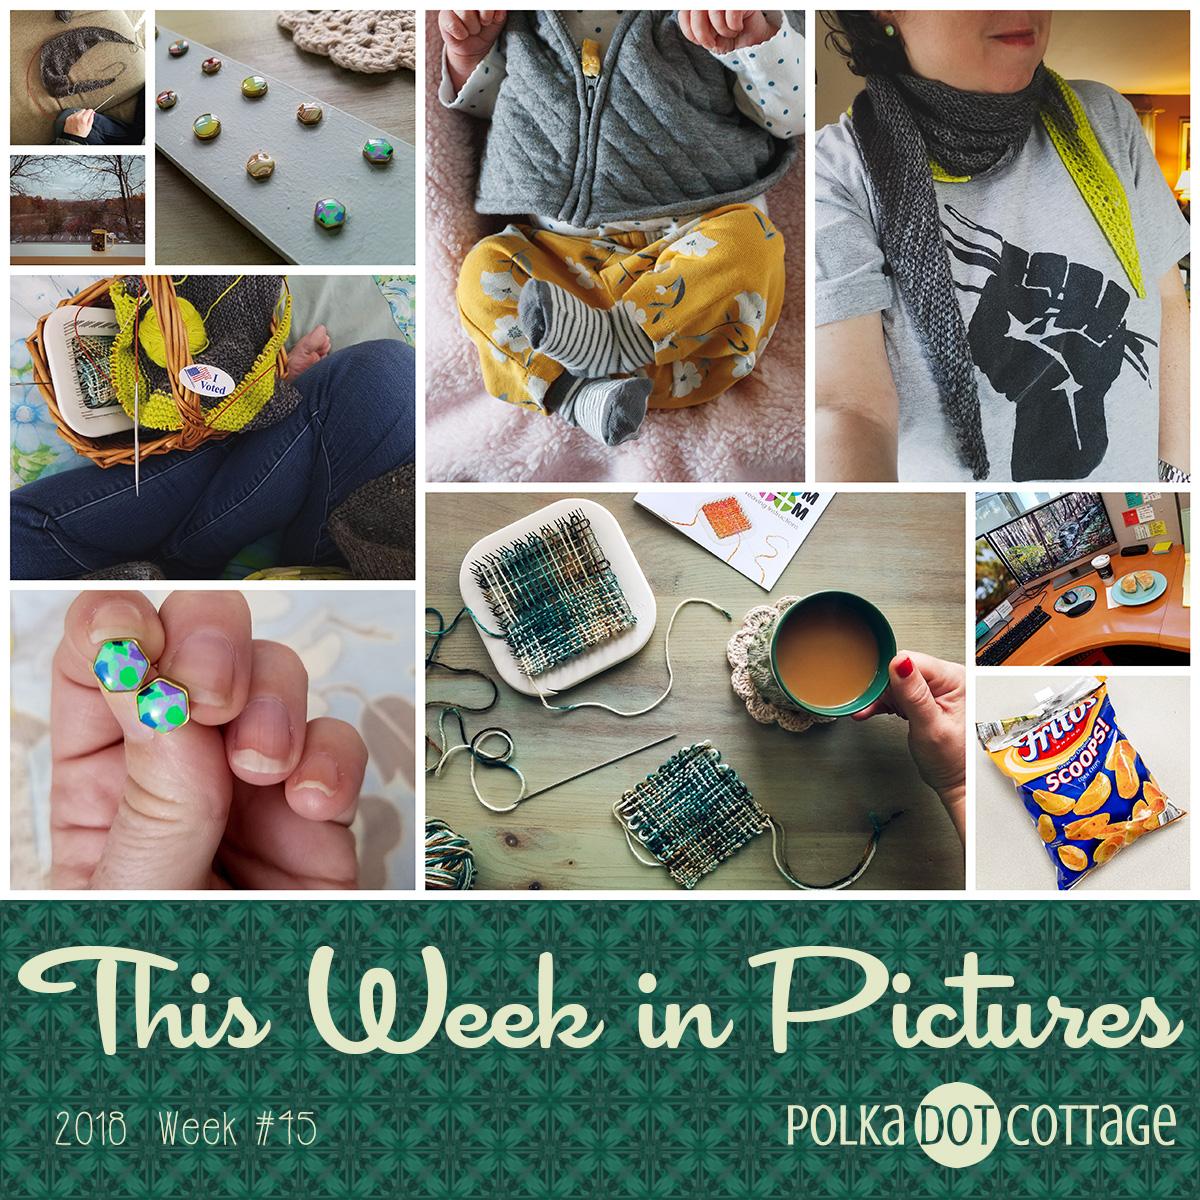 This Week in Pictures, Week 45, 2018